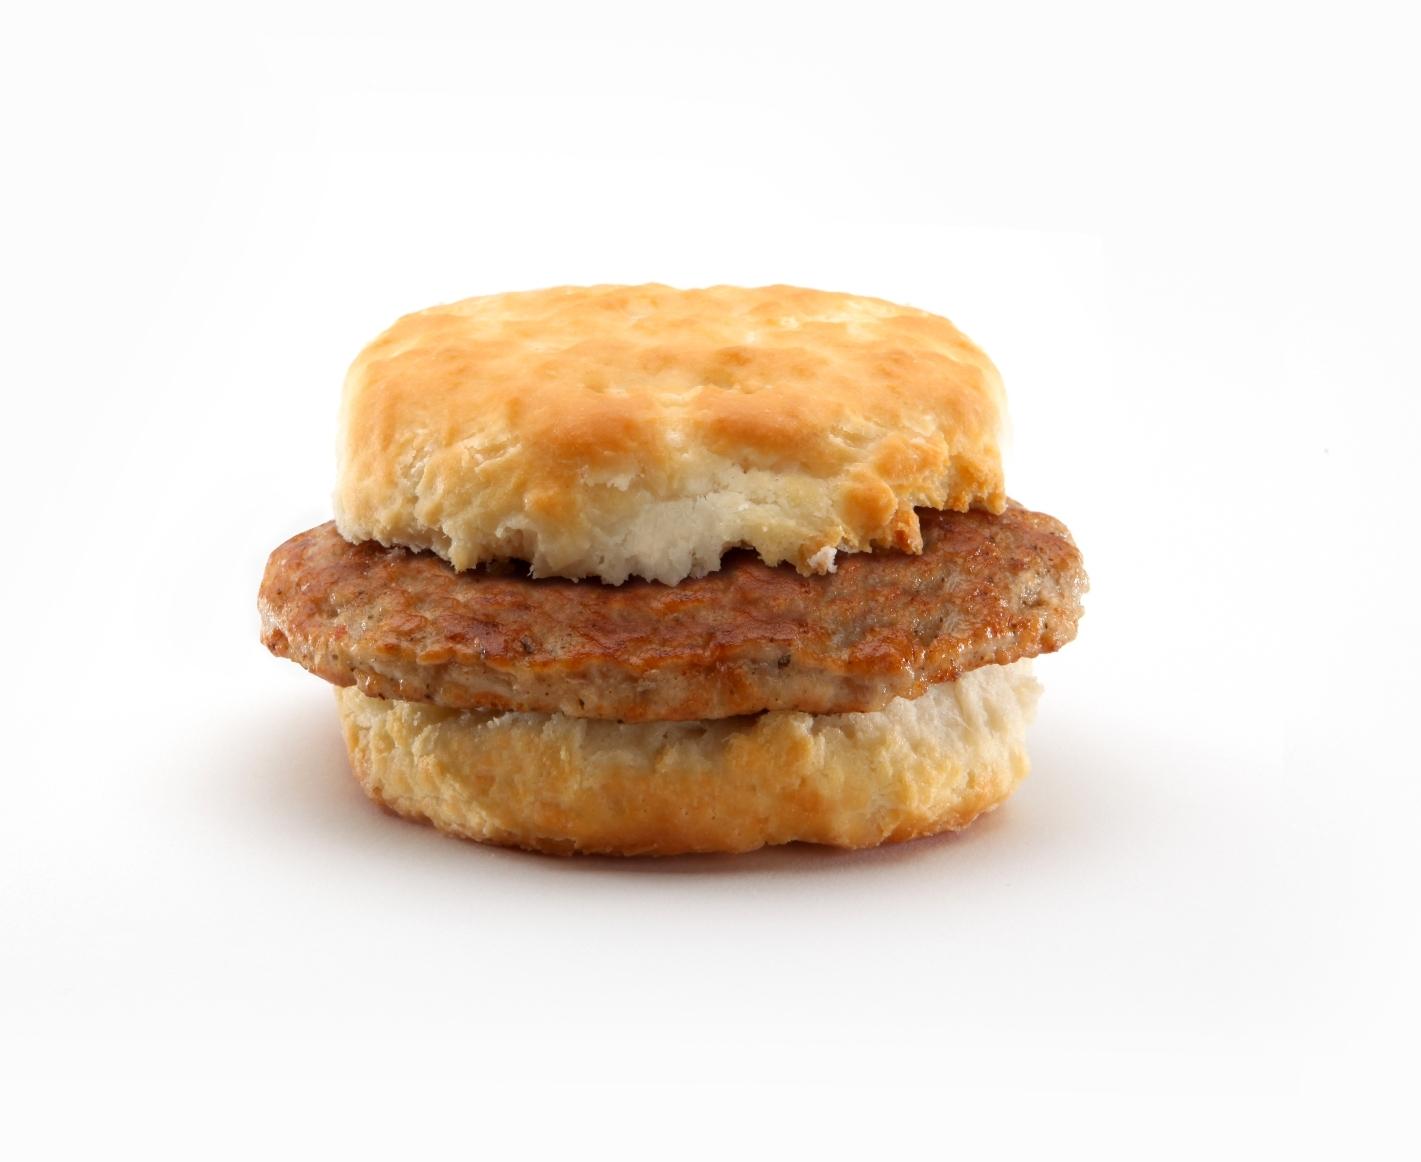 McDonald's sausage biscuit